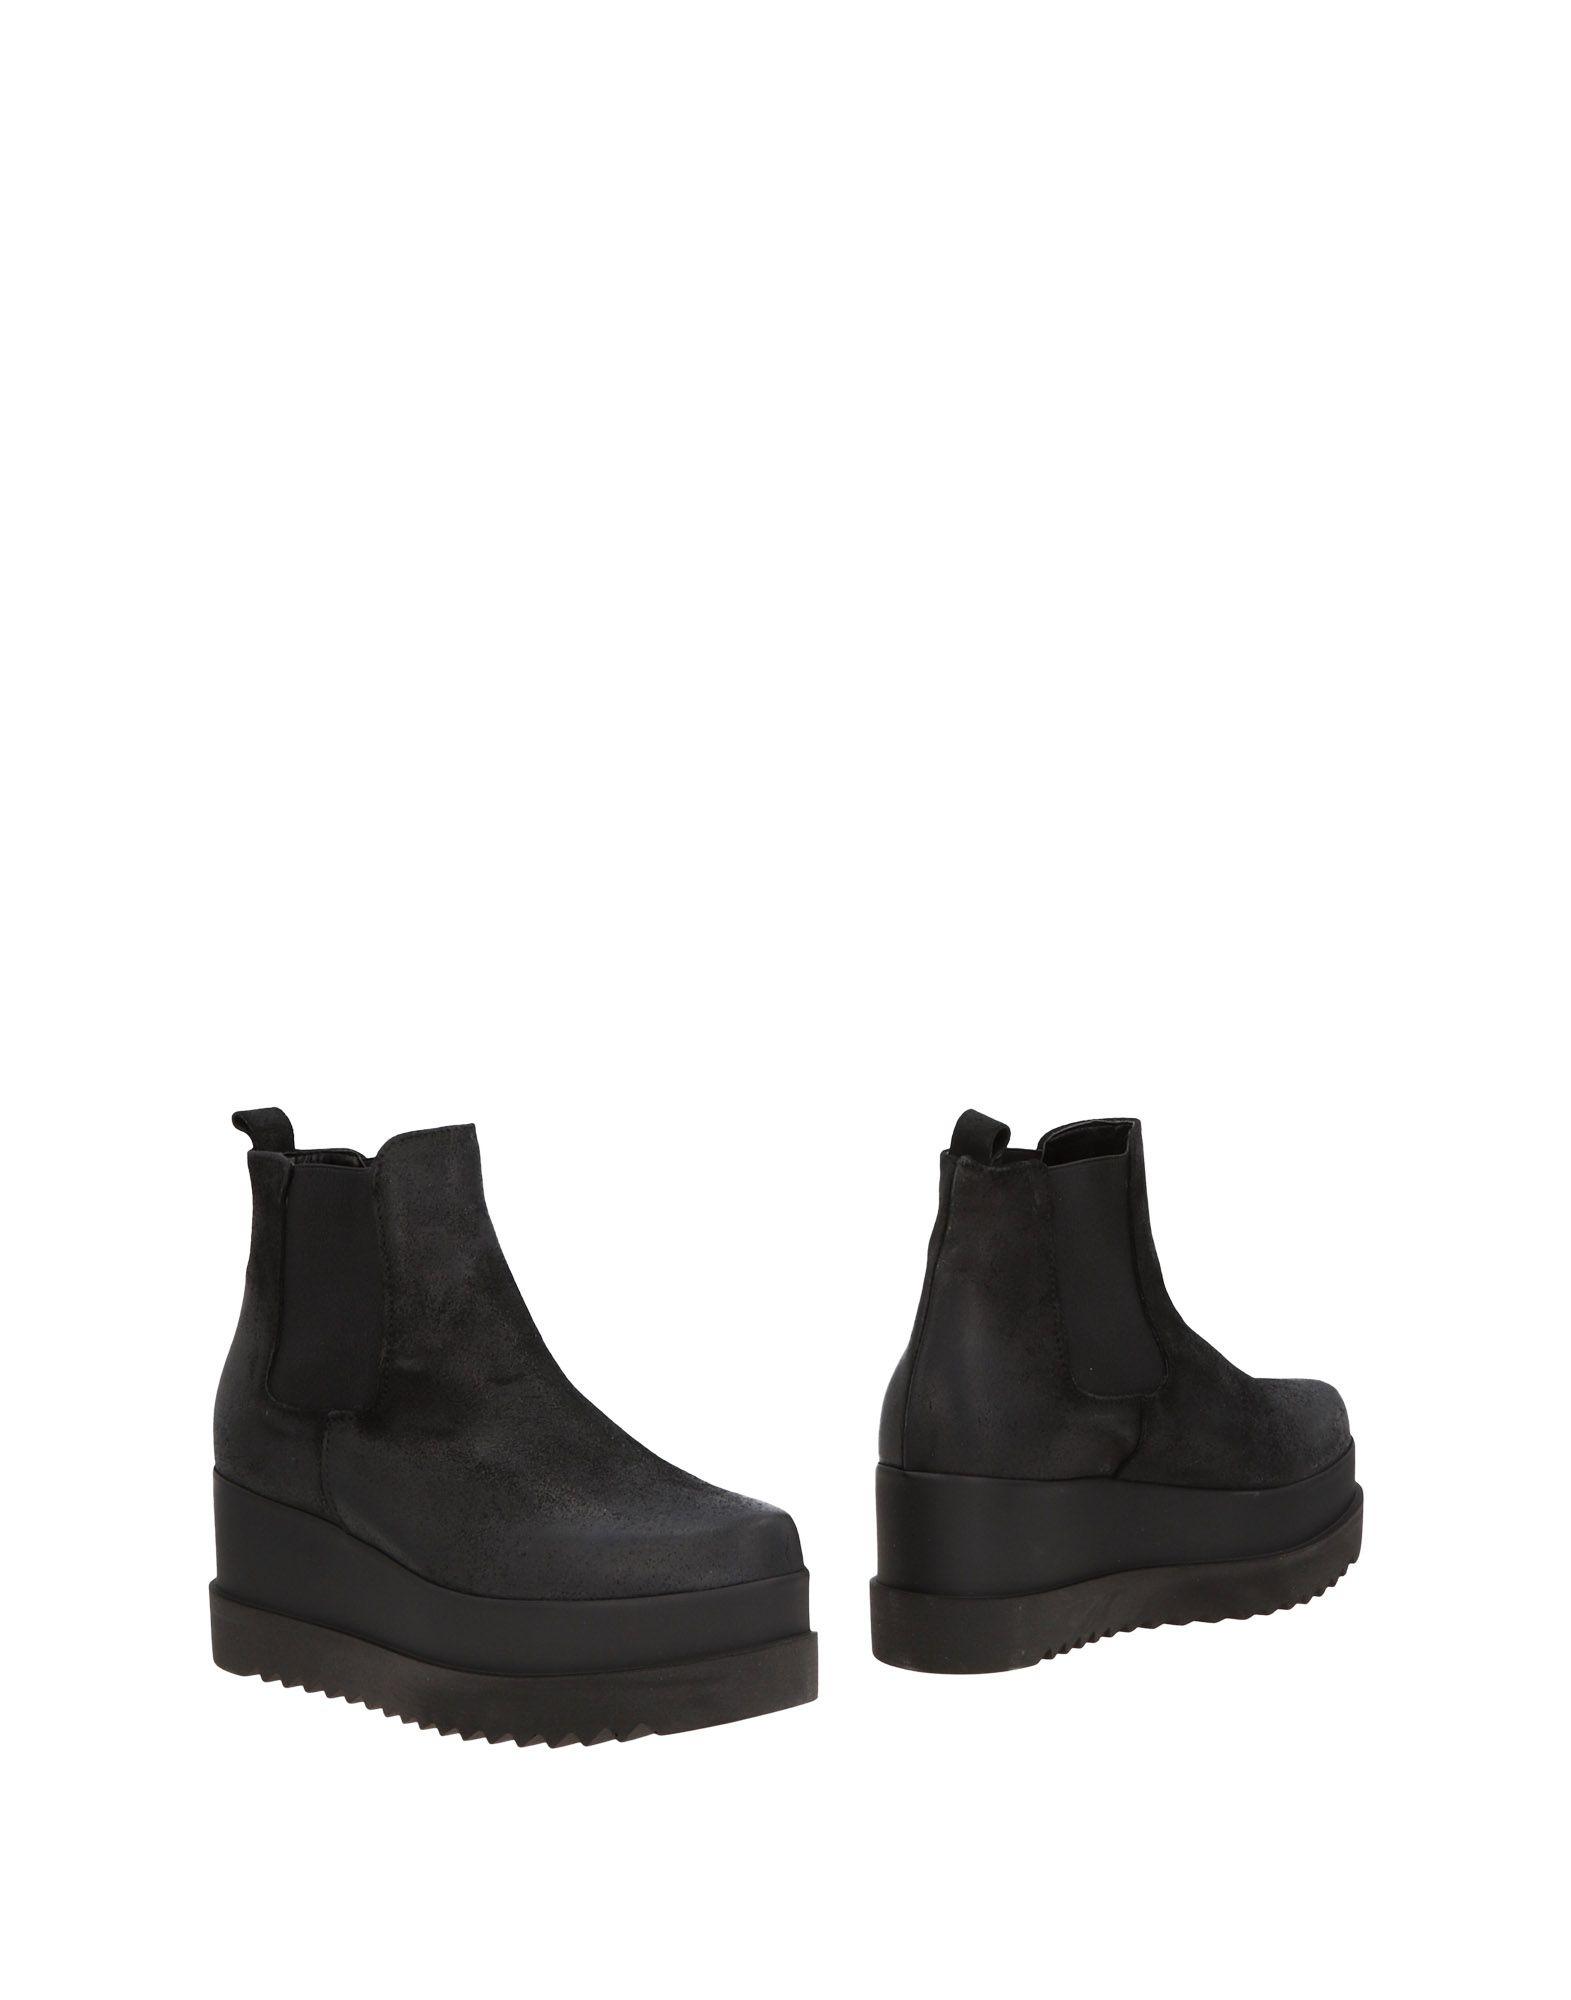 Unlace Chelsea Boots Damen  11477726HT Gute Qualität beliebte Schuhe